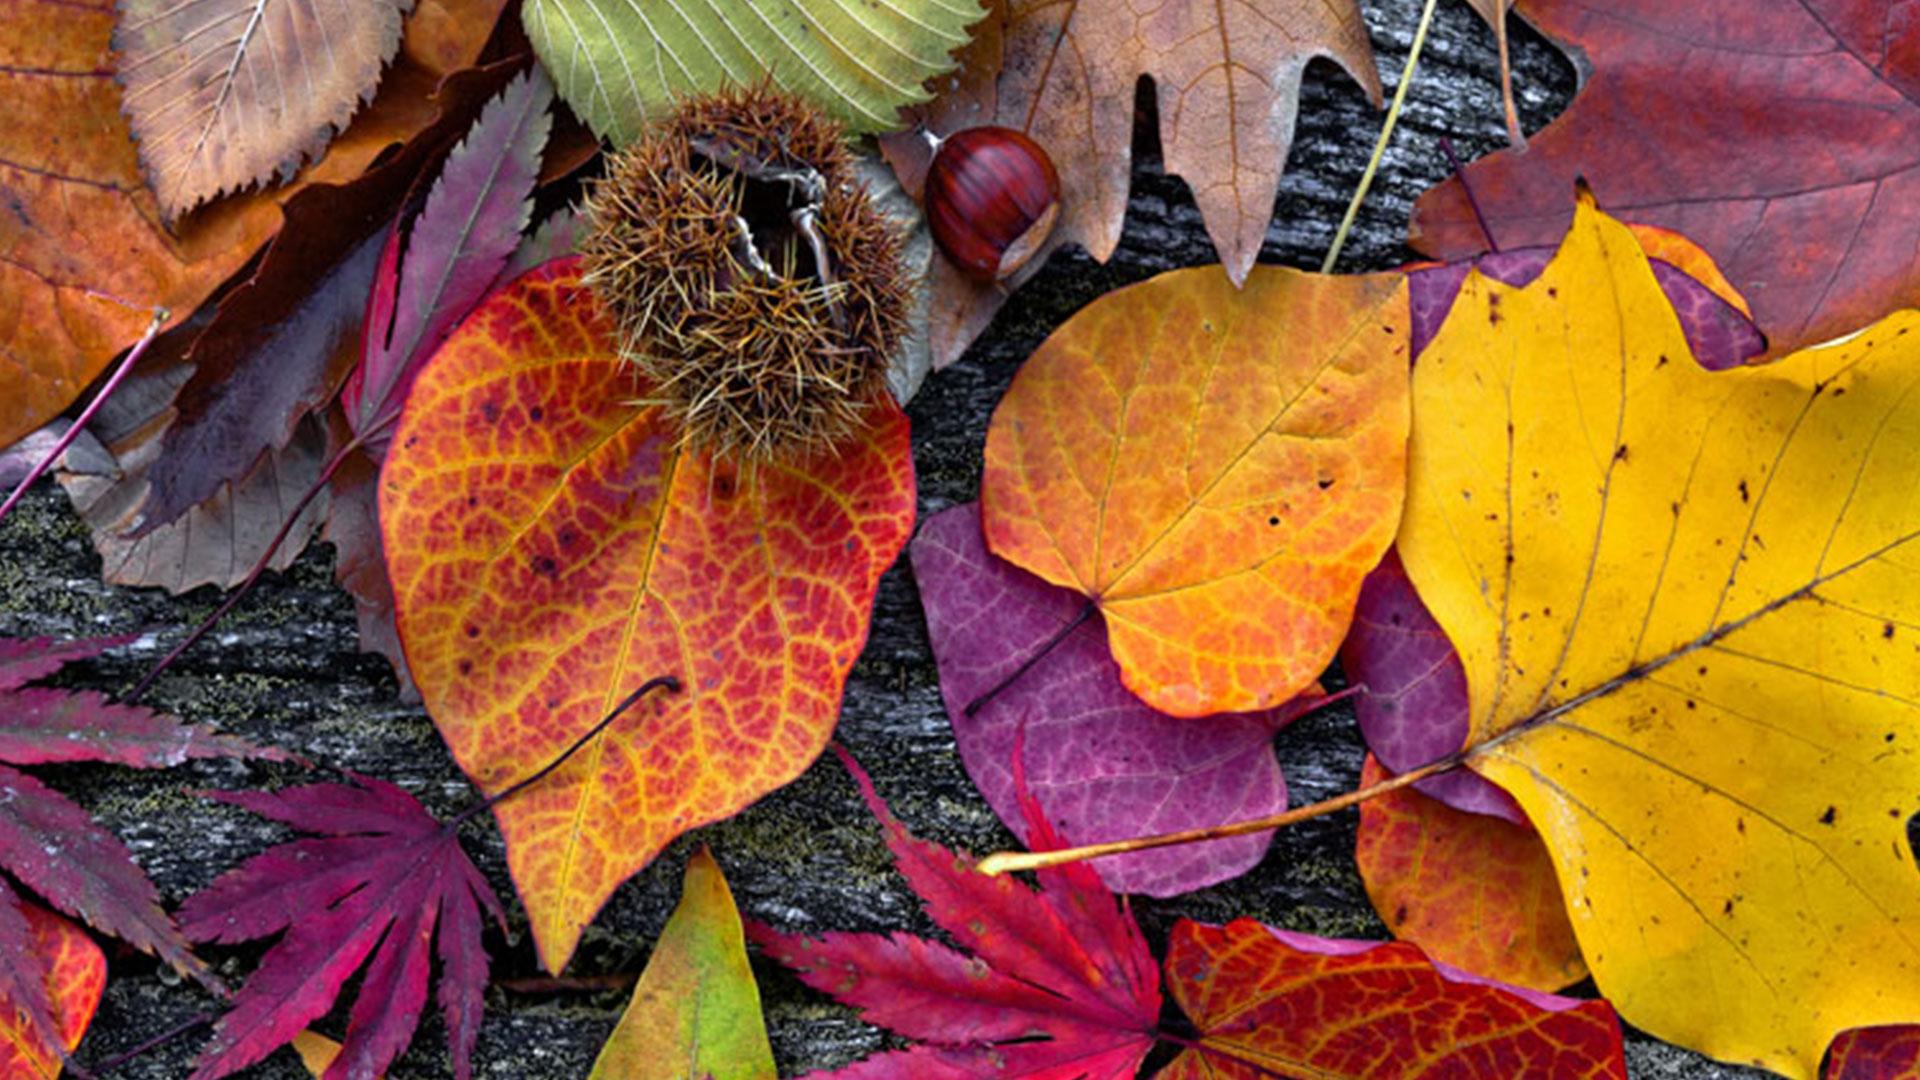 En abril comienza a manifestarse en plenitud el otoño, trayendo una sinfonía de colores y contrastes a los follajes. Es una época muy especial y hermosa, de un esplendor comparable incluso al de la primavera.La naturaleza realiza una especie de despedida llena de intensidad y cierta magia. Los días y noches cada vez más frescos, anuncian la pronta llegada del invierno y –aunque no faltan las fl ores de estación– las grandes protagonistas del jardín de abril son las hojas, que lo invaden por millones, partiendo de un verde casi regular que se transforma y degrada en tonalidades desde el amarillo al rojo intenso.